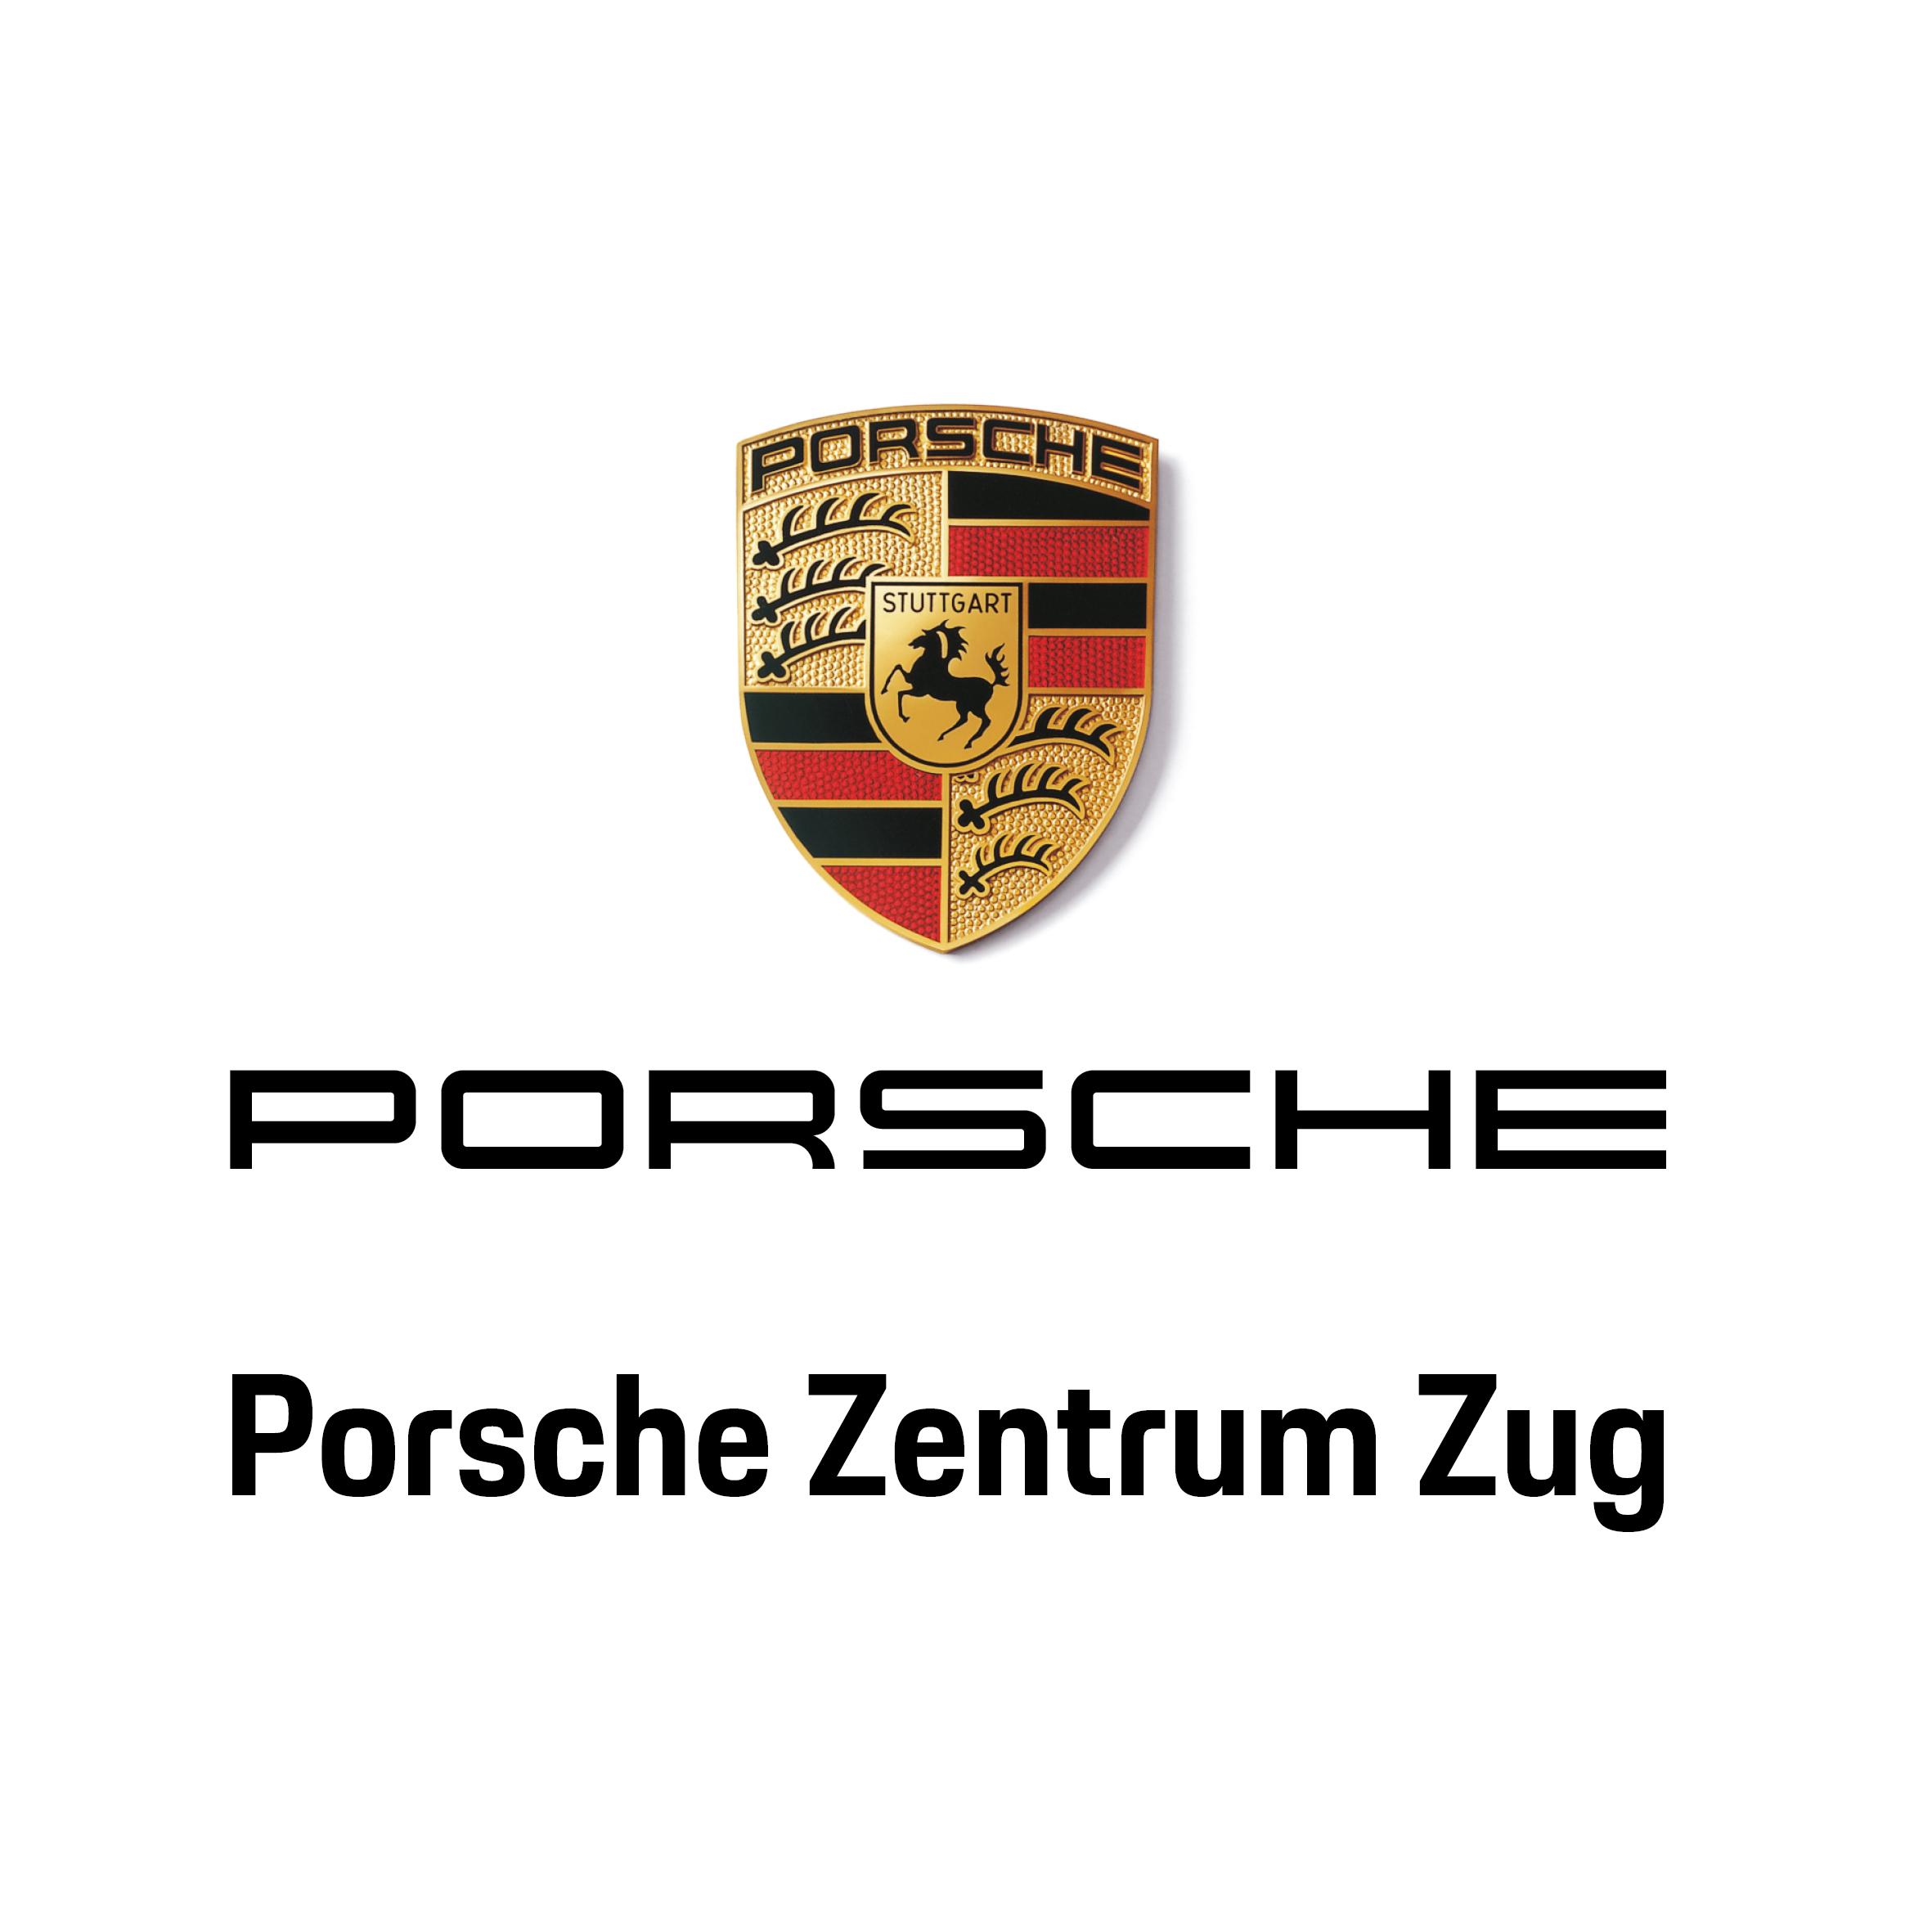 https://www.porsche-zug.ch/de/